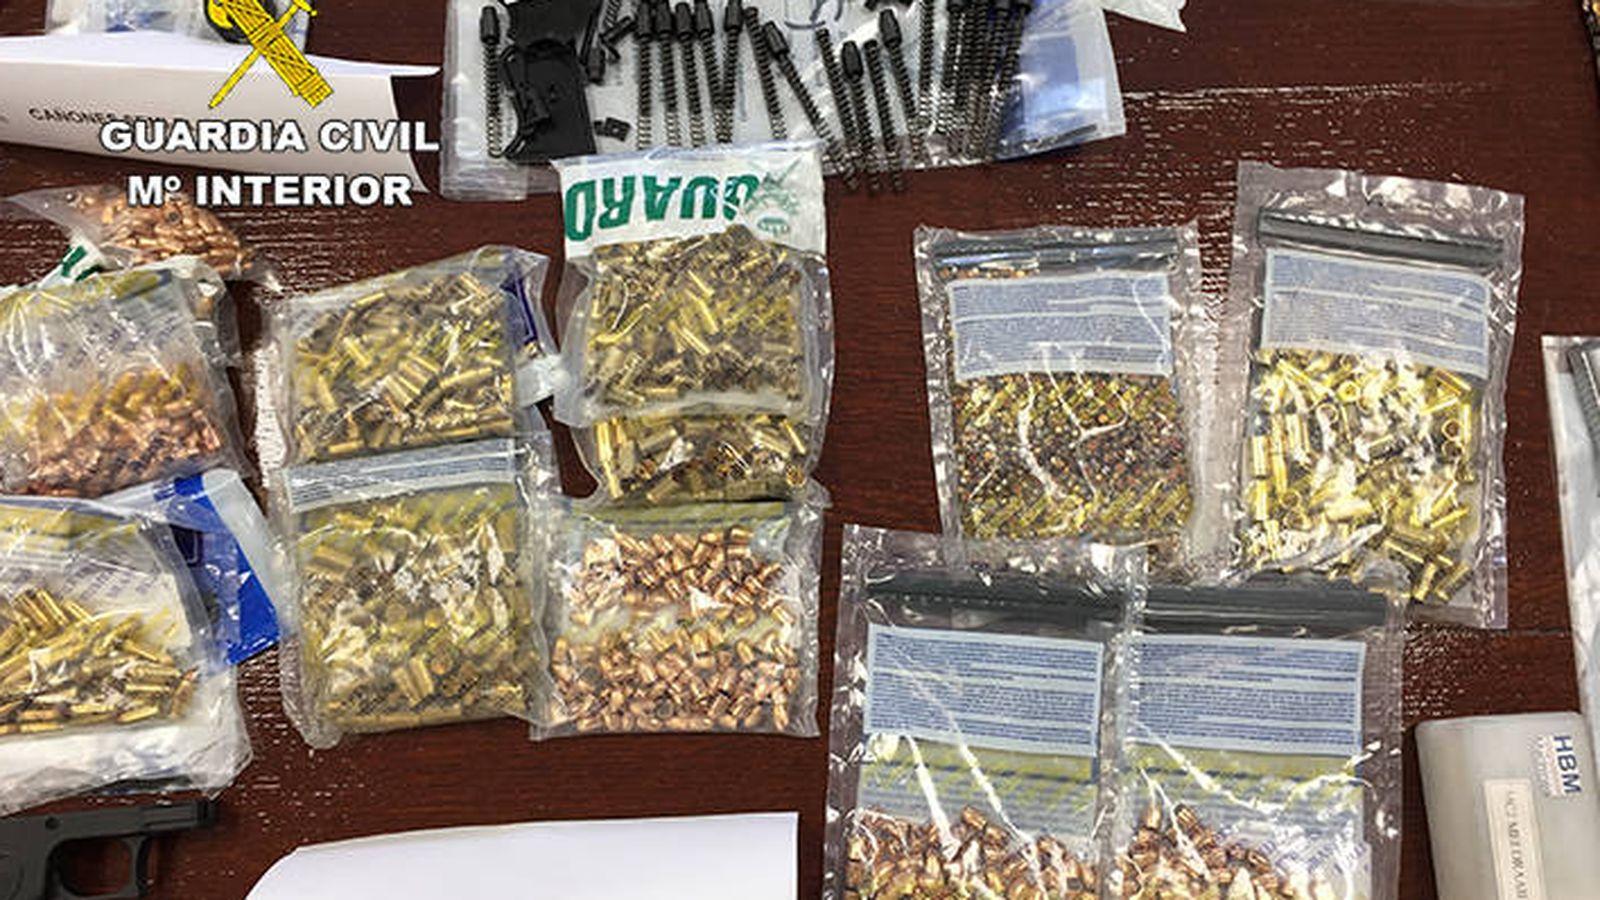 Foto: Imagen del material incautado por la Guardia Civil tras detener al mayor traficante de armas cortas de la 'Dark Net'. (Guardia Civil)